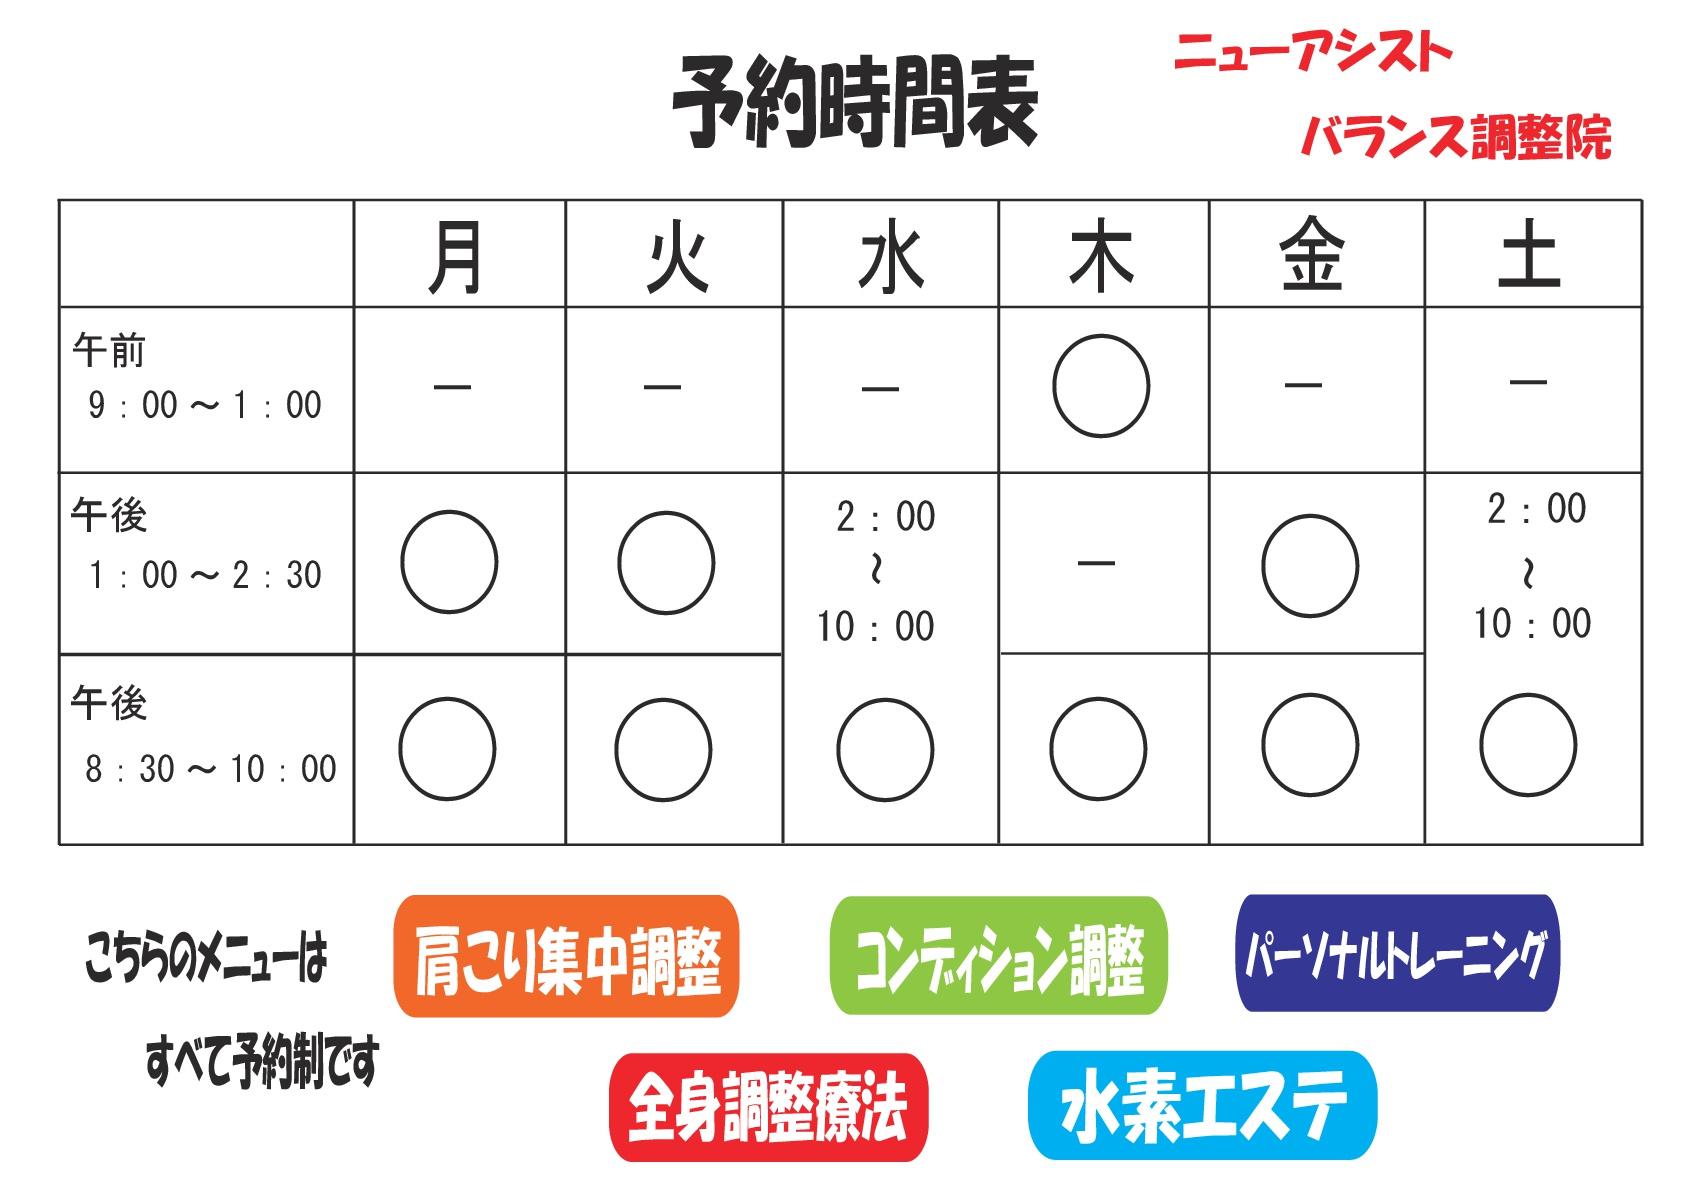 予約時間表-1 コピー-001